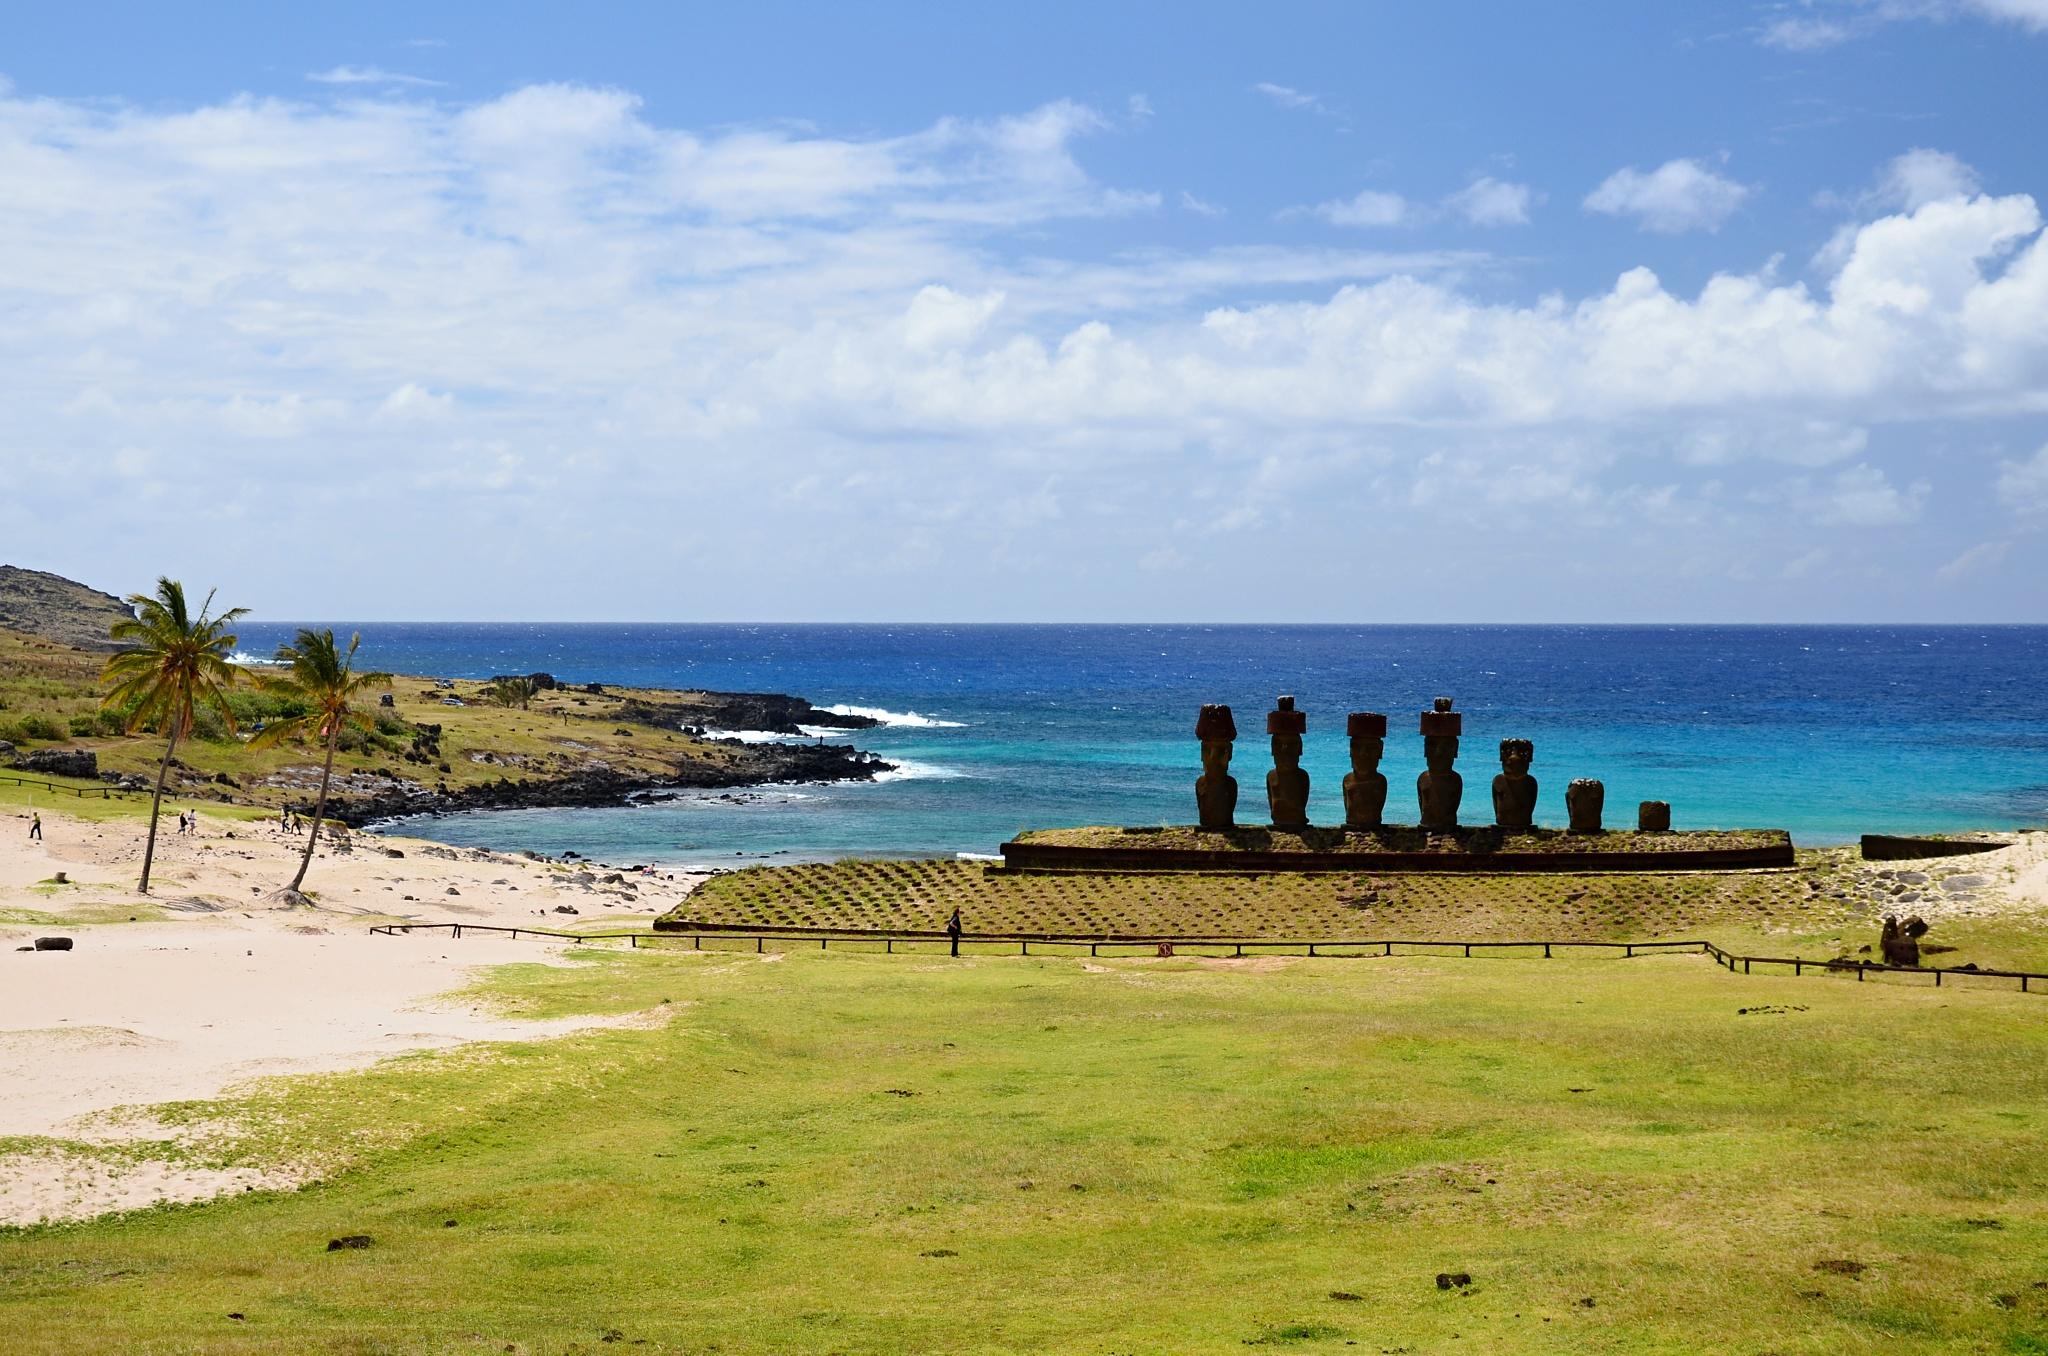 Sedm Moai v zátoce Anakena